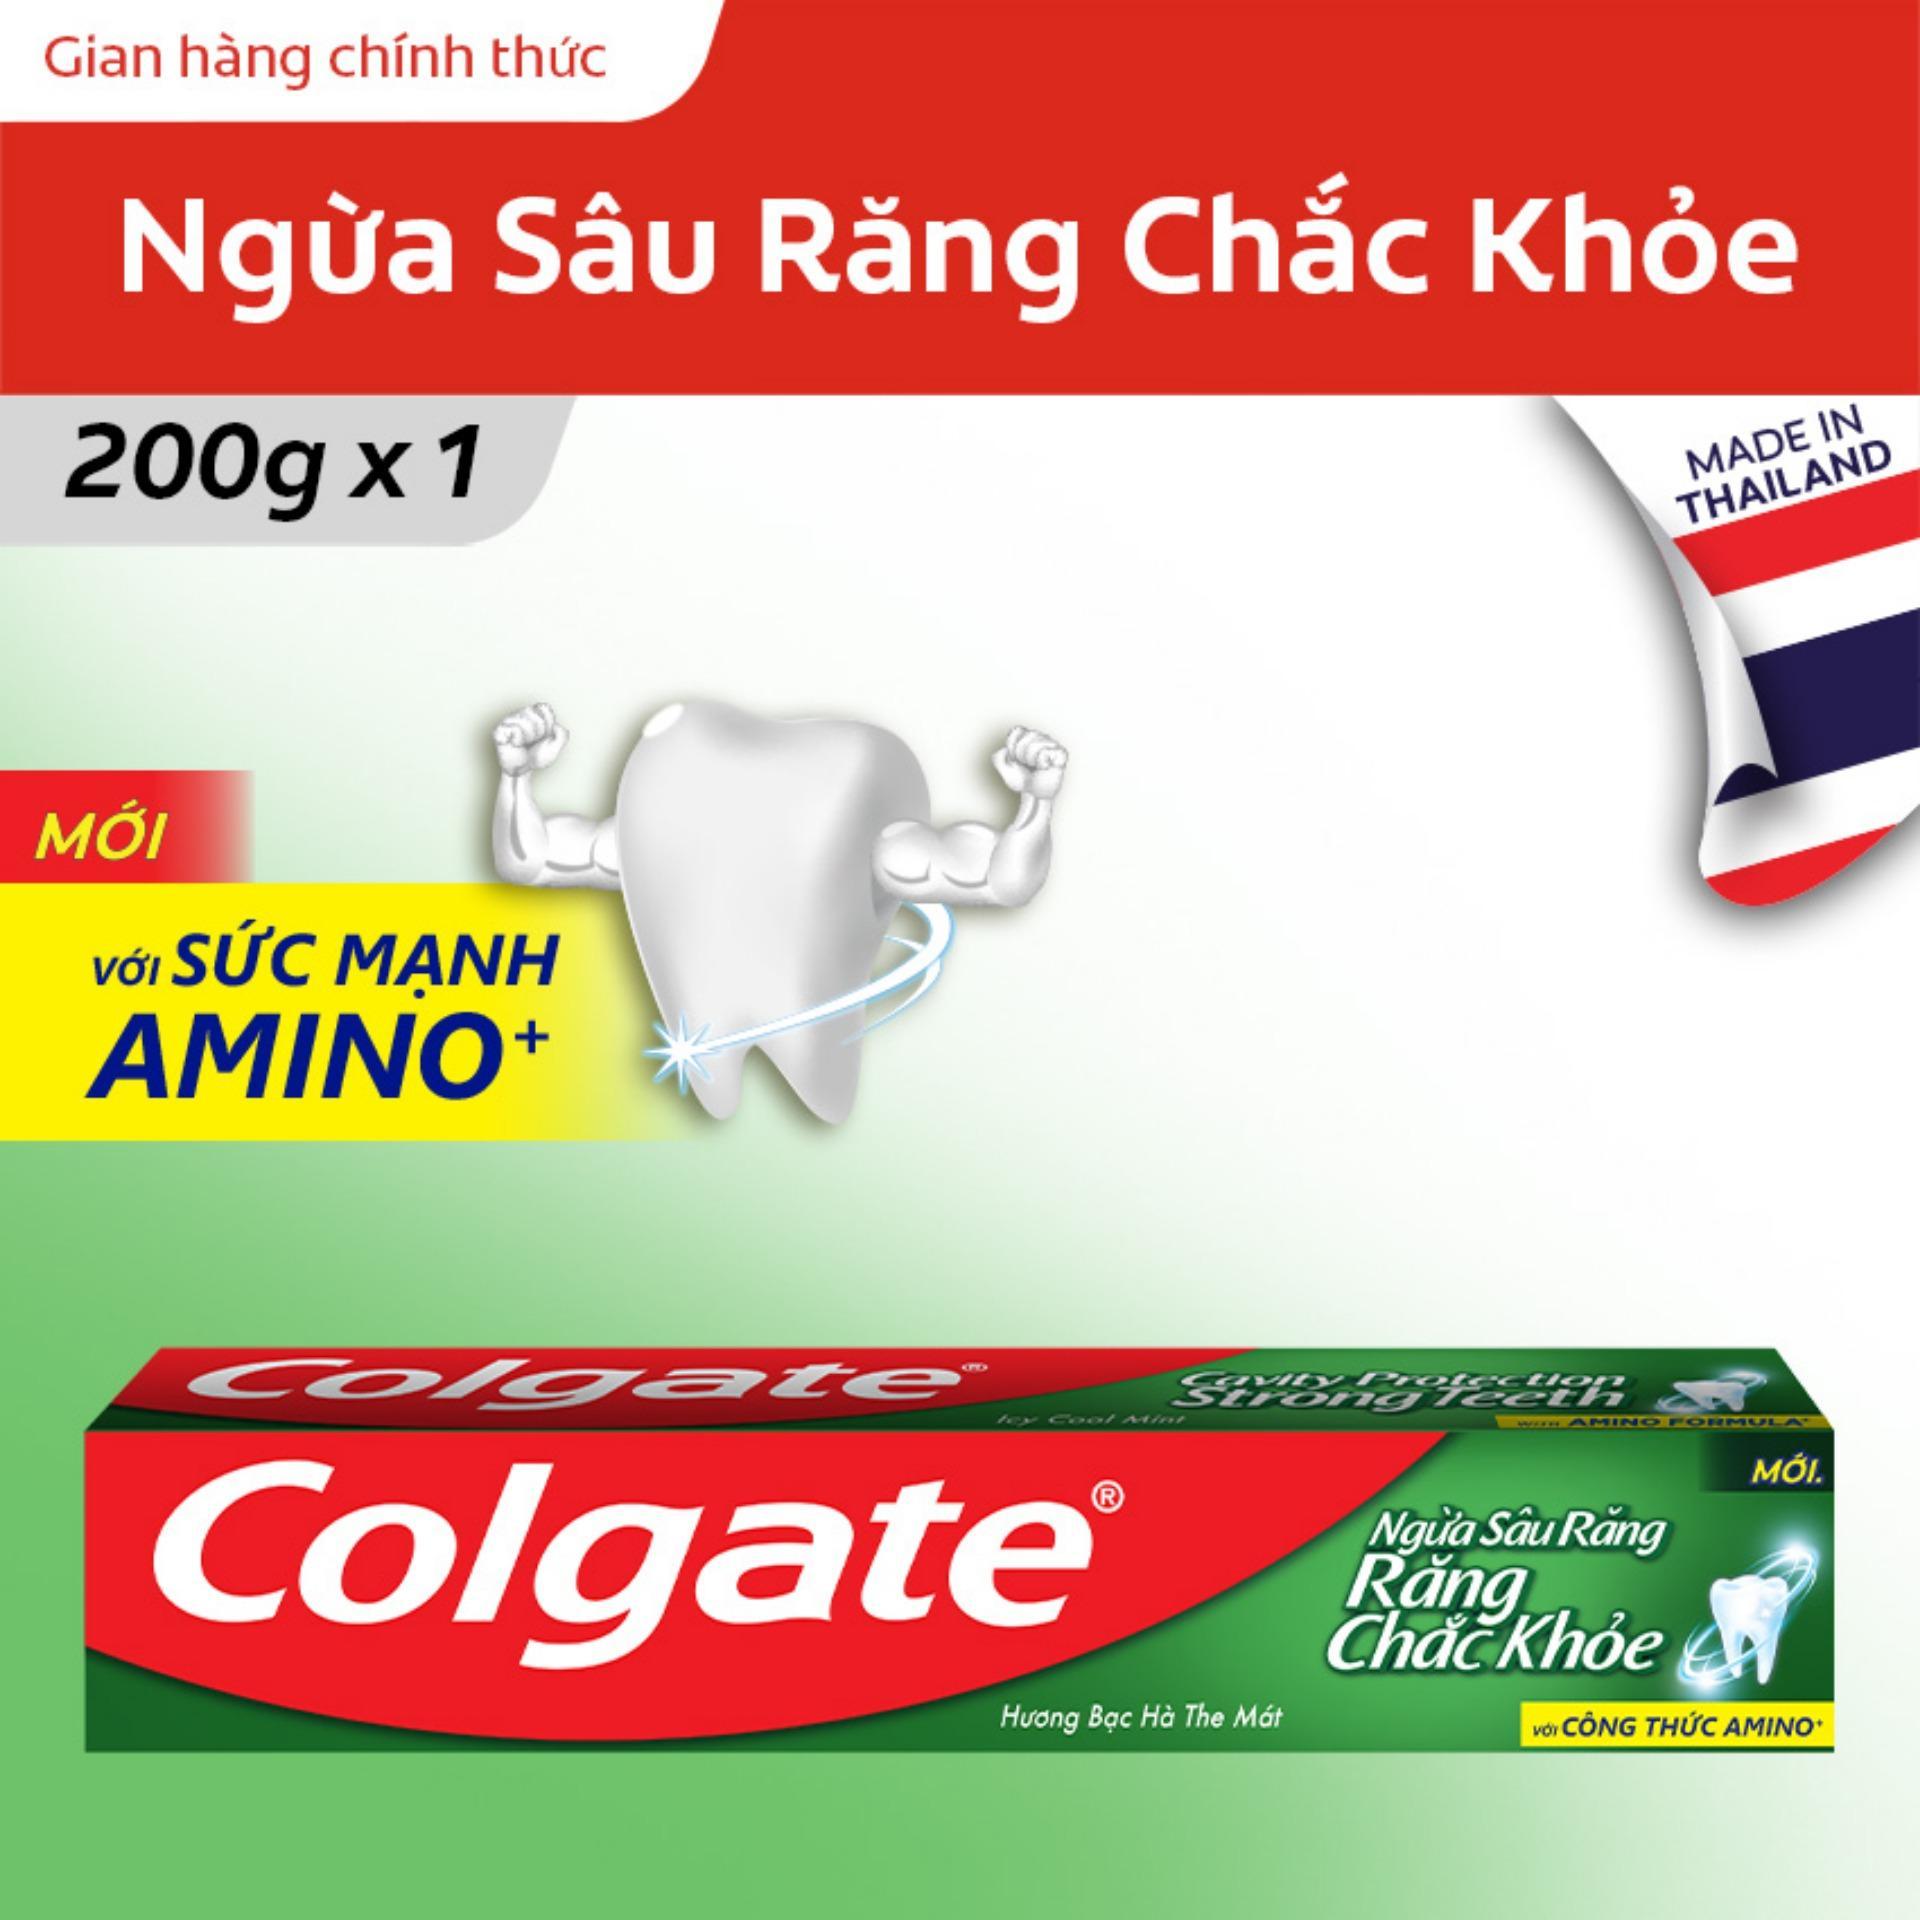 Kem đánh răng Colgate ngừa sâu răng răng chắc khỏe 200g Thái Lan